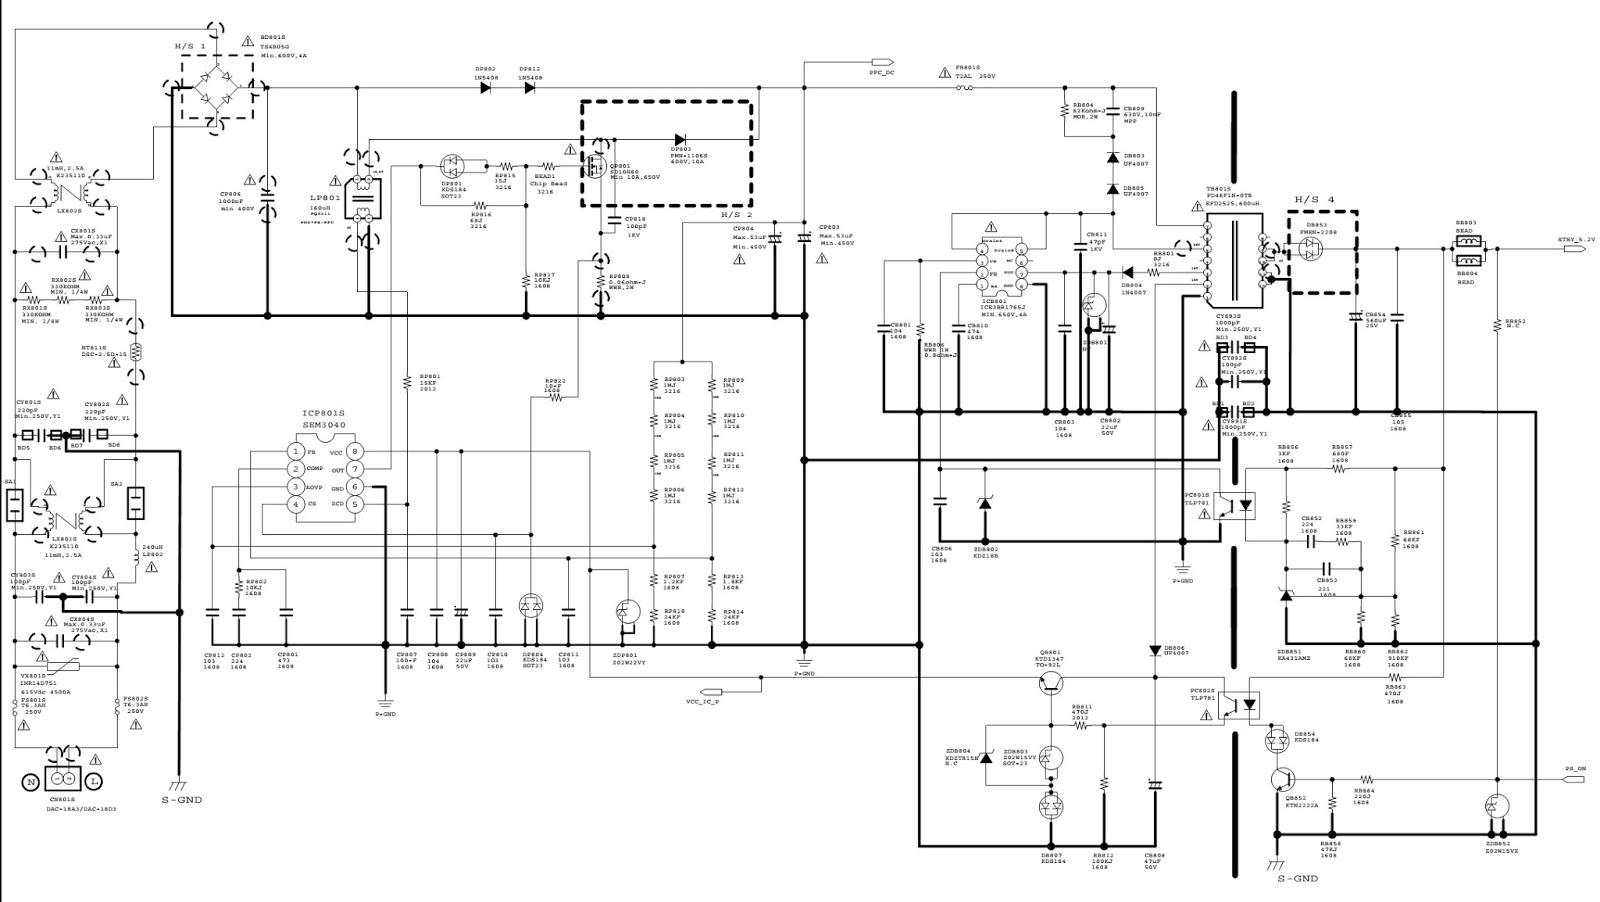 Samsung Dlp Wiring Diagram Diagrams Refrigerator Schematic For Schematics 60 Quot Tv Elsavadorla Washer